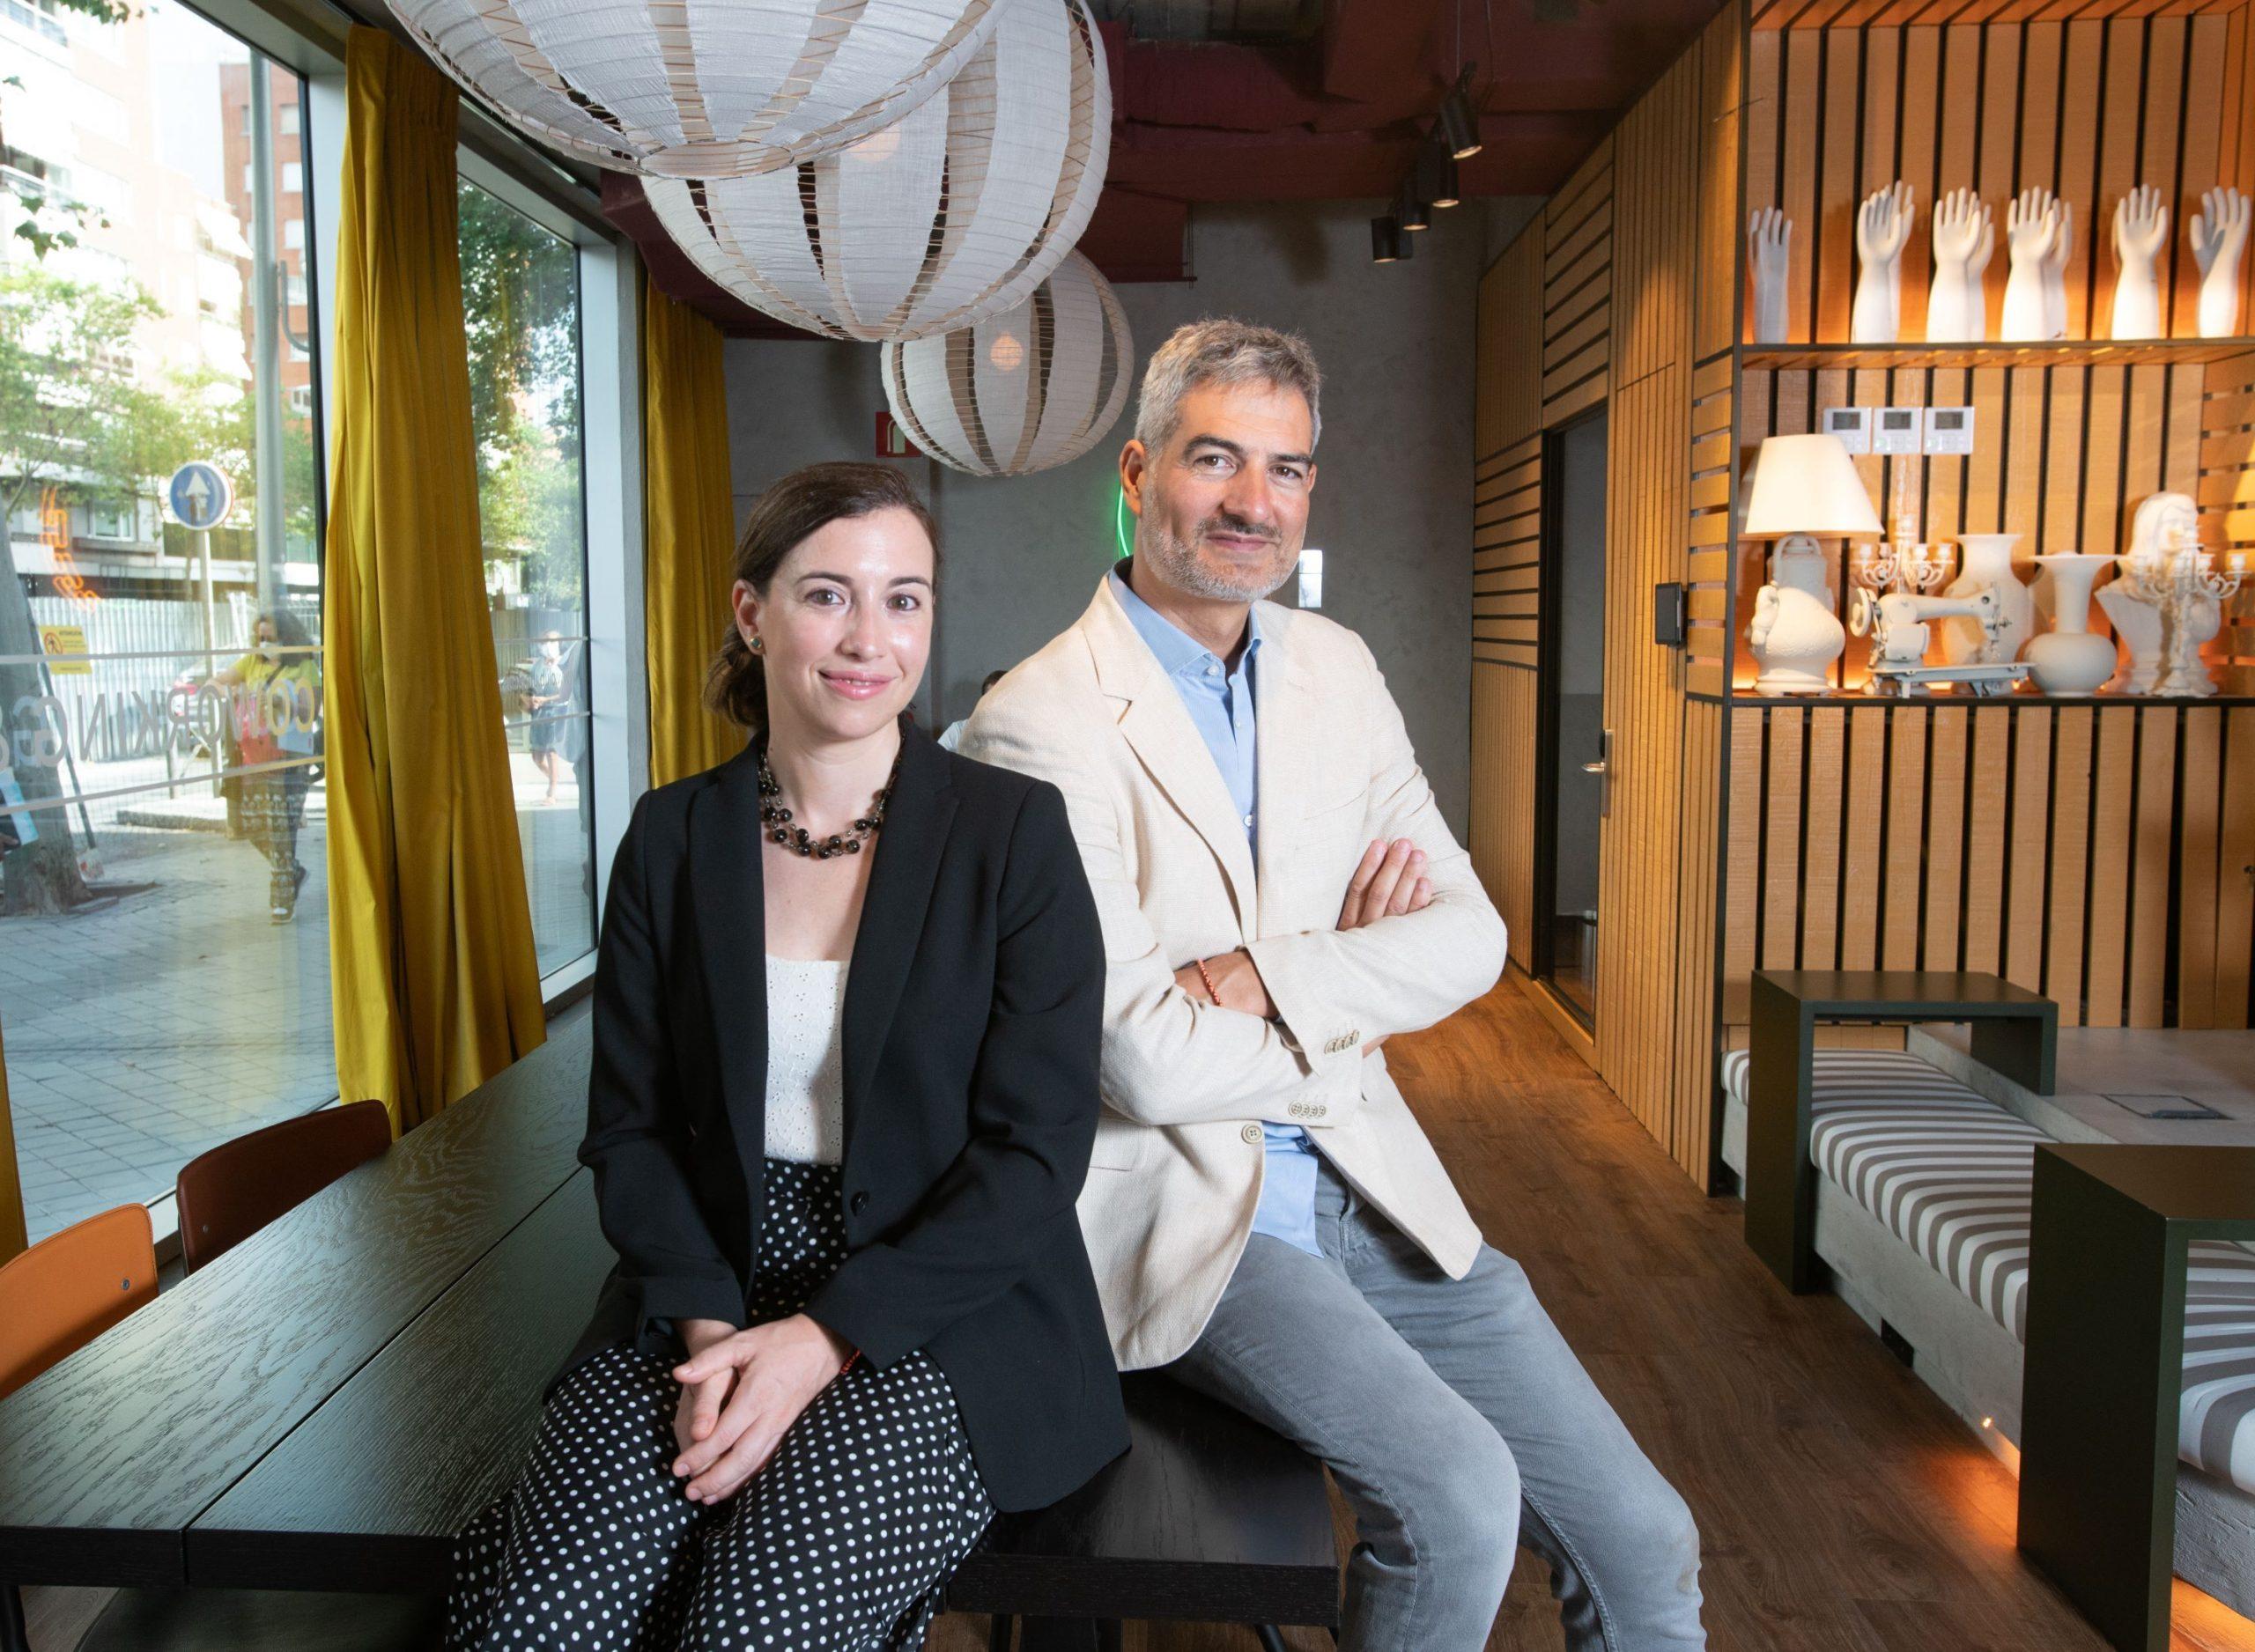 Urbanfisio sigue revolucionando la Fisioterapia pagando el postgrado a sus fisioterapeutas